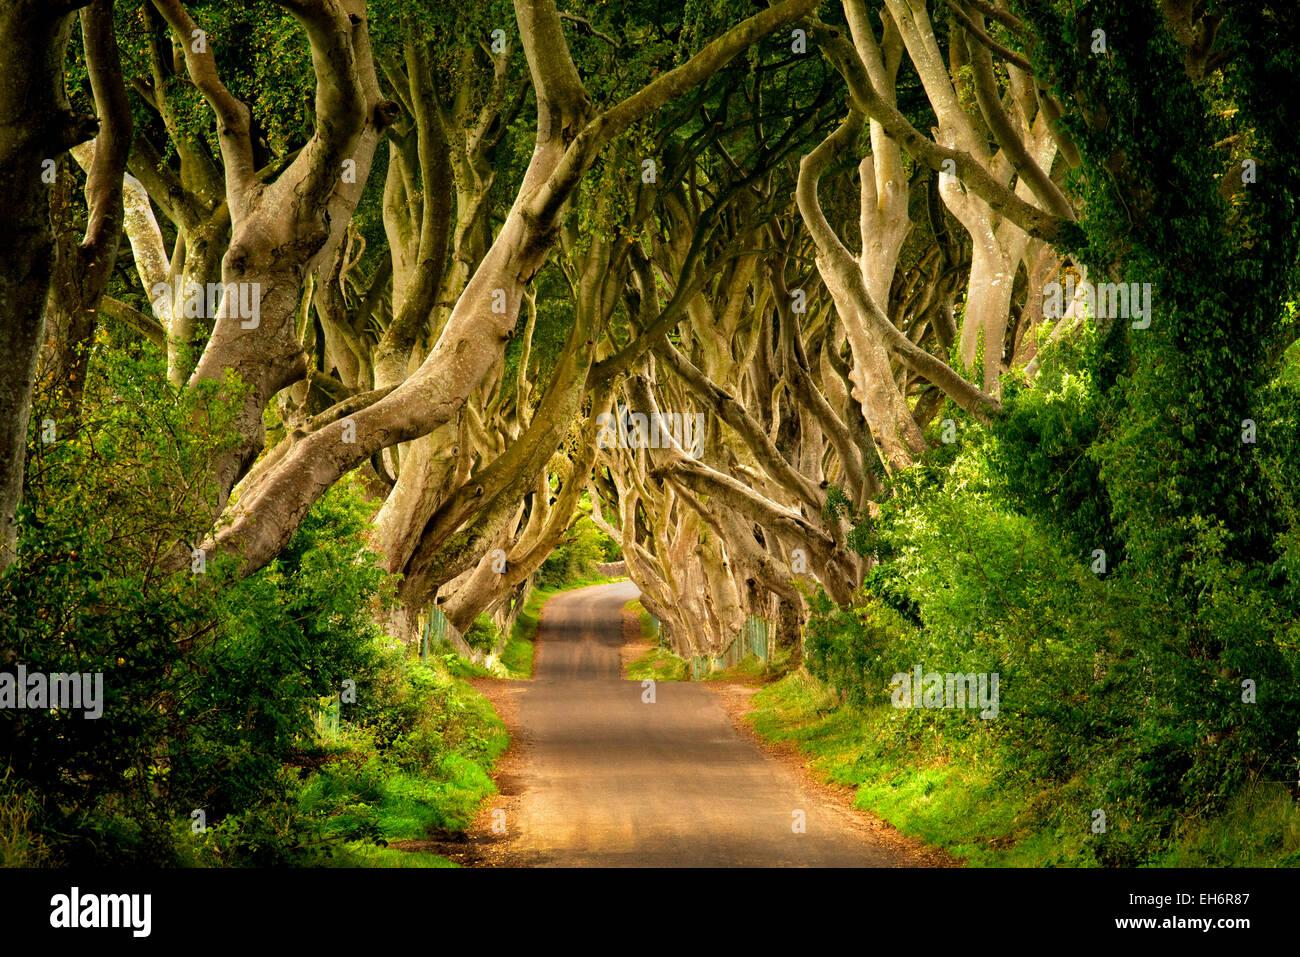 La oscuridad de setos. Beech Rural carretera arbolada en Irlanda. Foto de stock